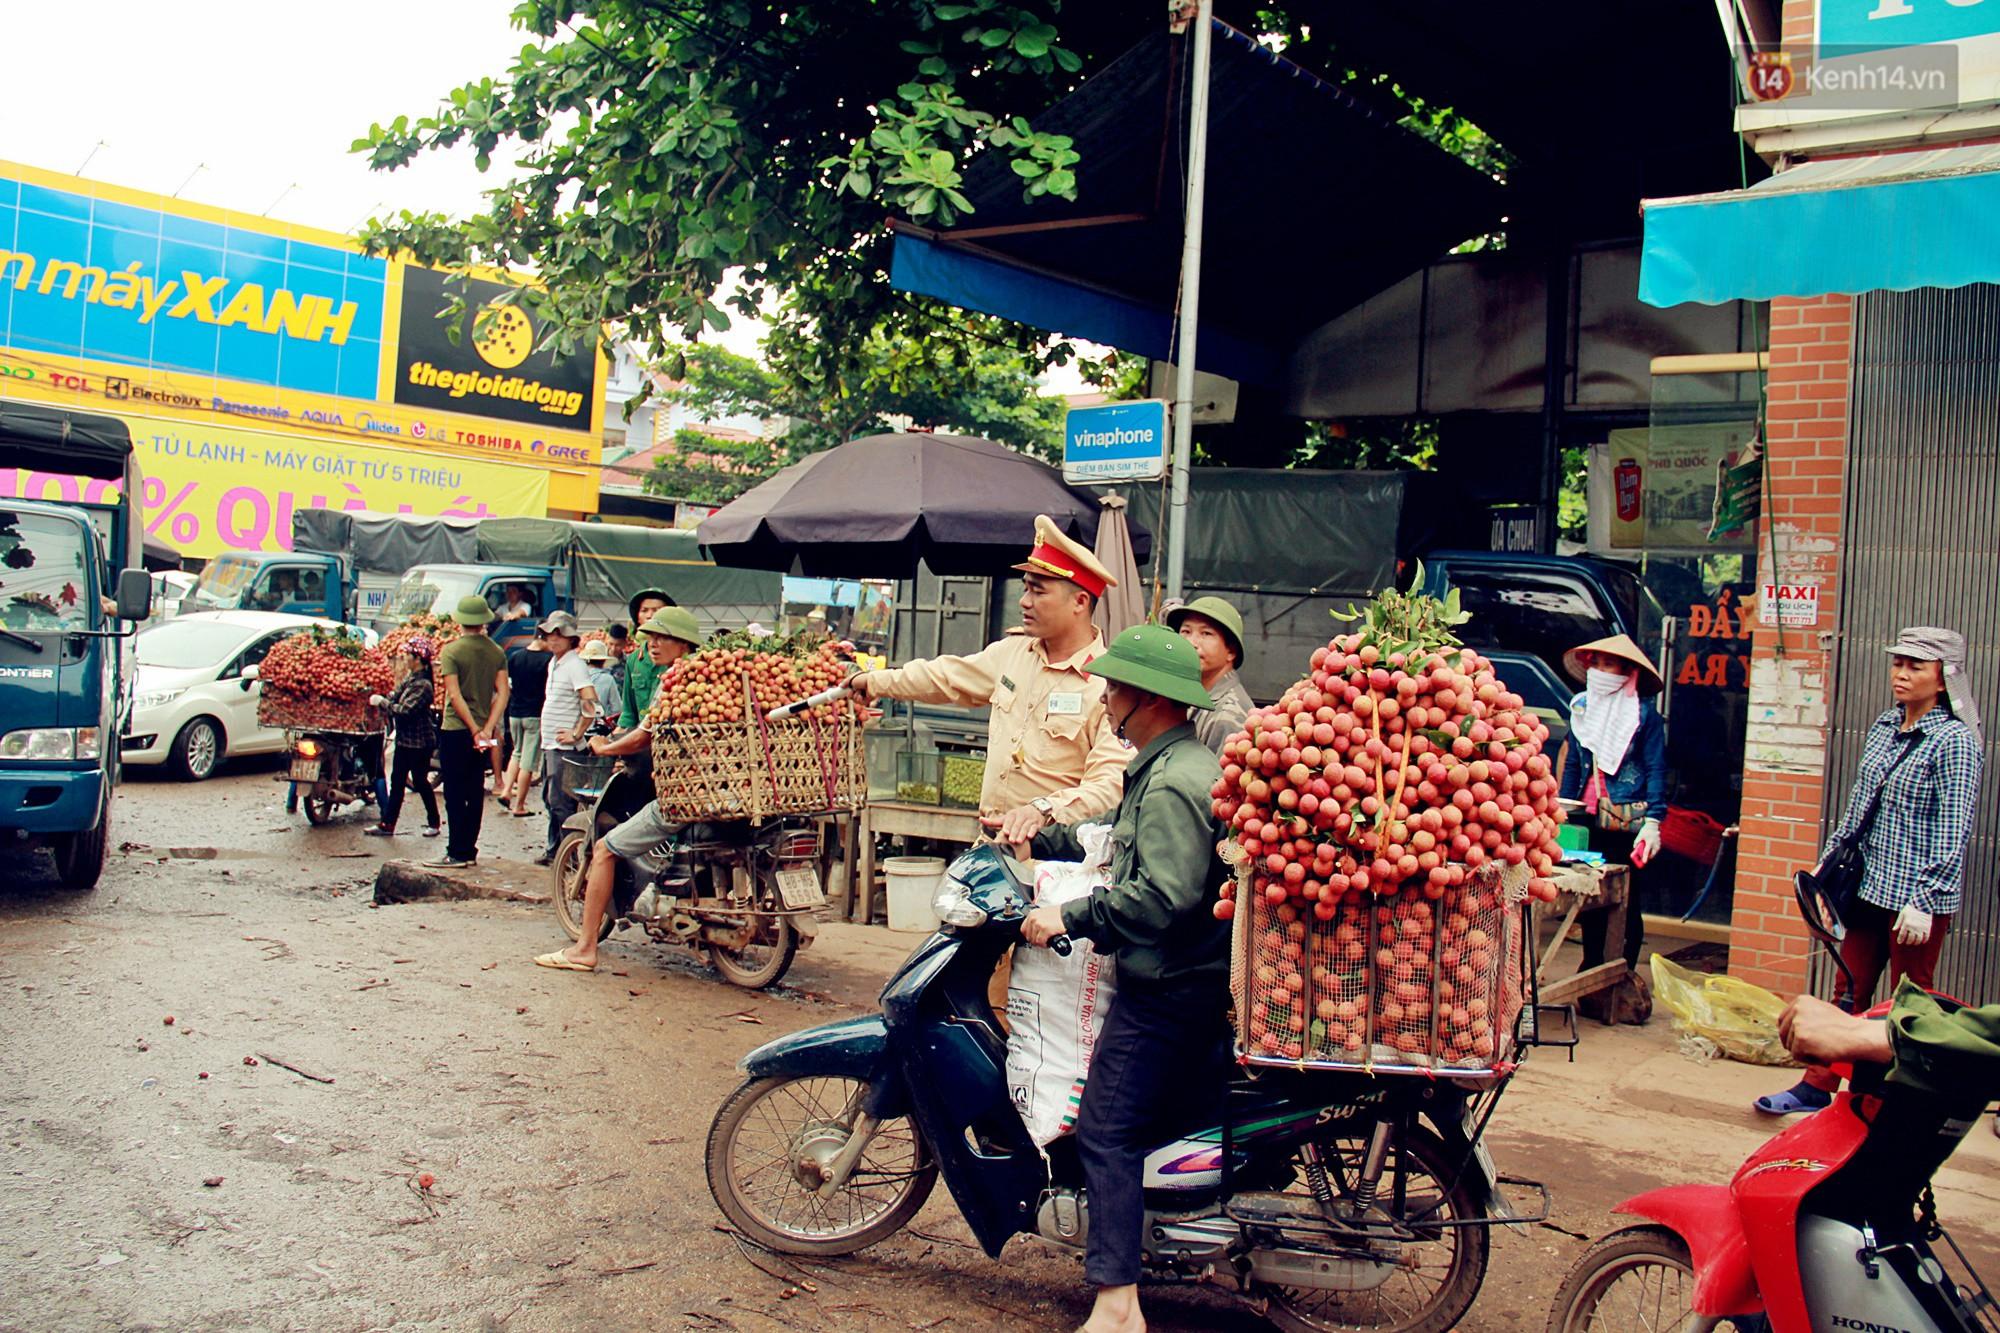 Sản lượng vải thiều Bắc Giang thấp do thời tiết, nhưng vẫn có mức giá cao gấp 10 lần năm ngoái - Ảnh 3.